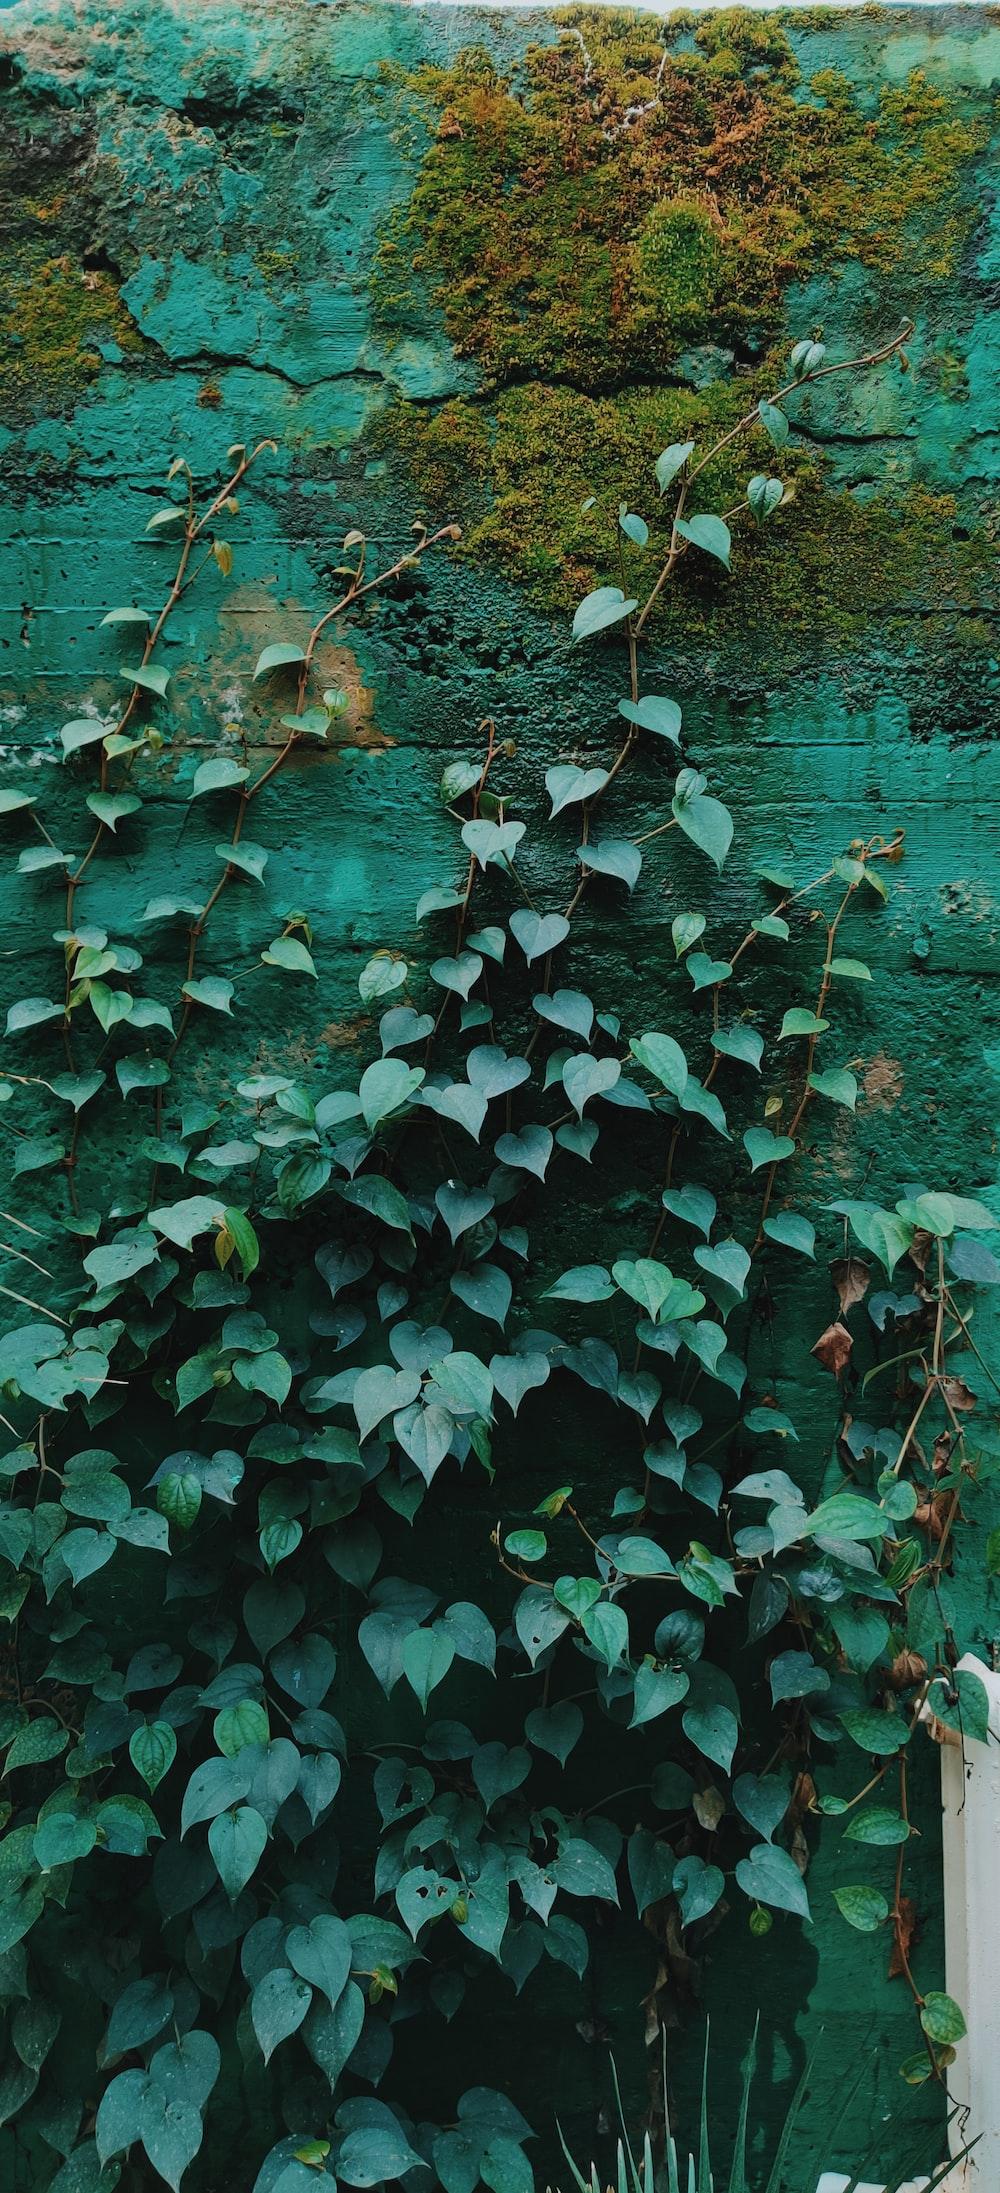 green leaves on brown wooden floor